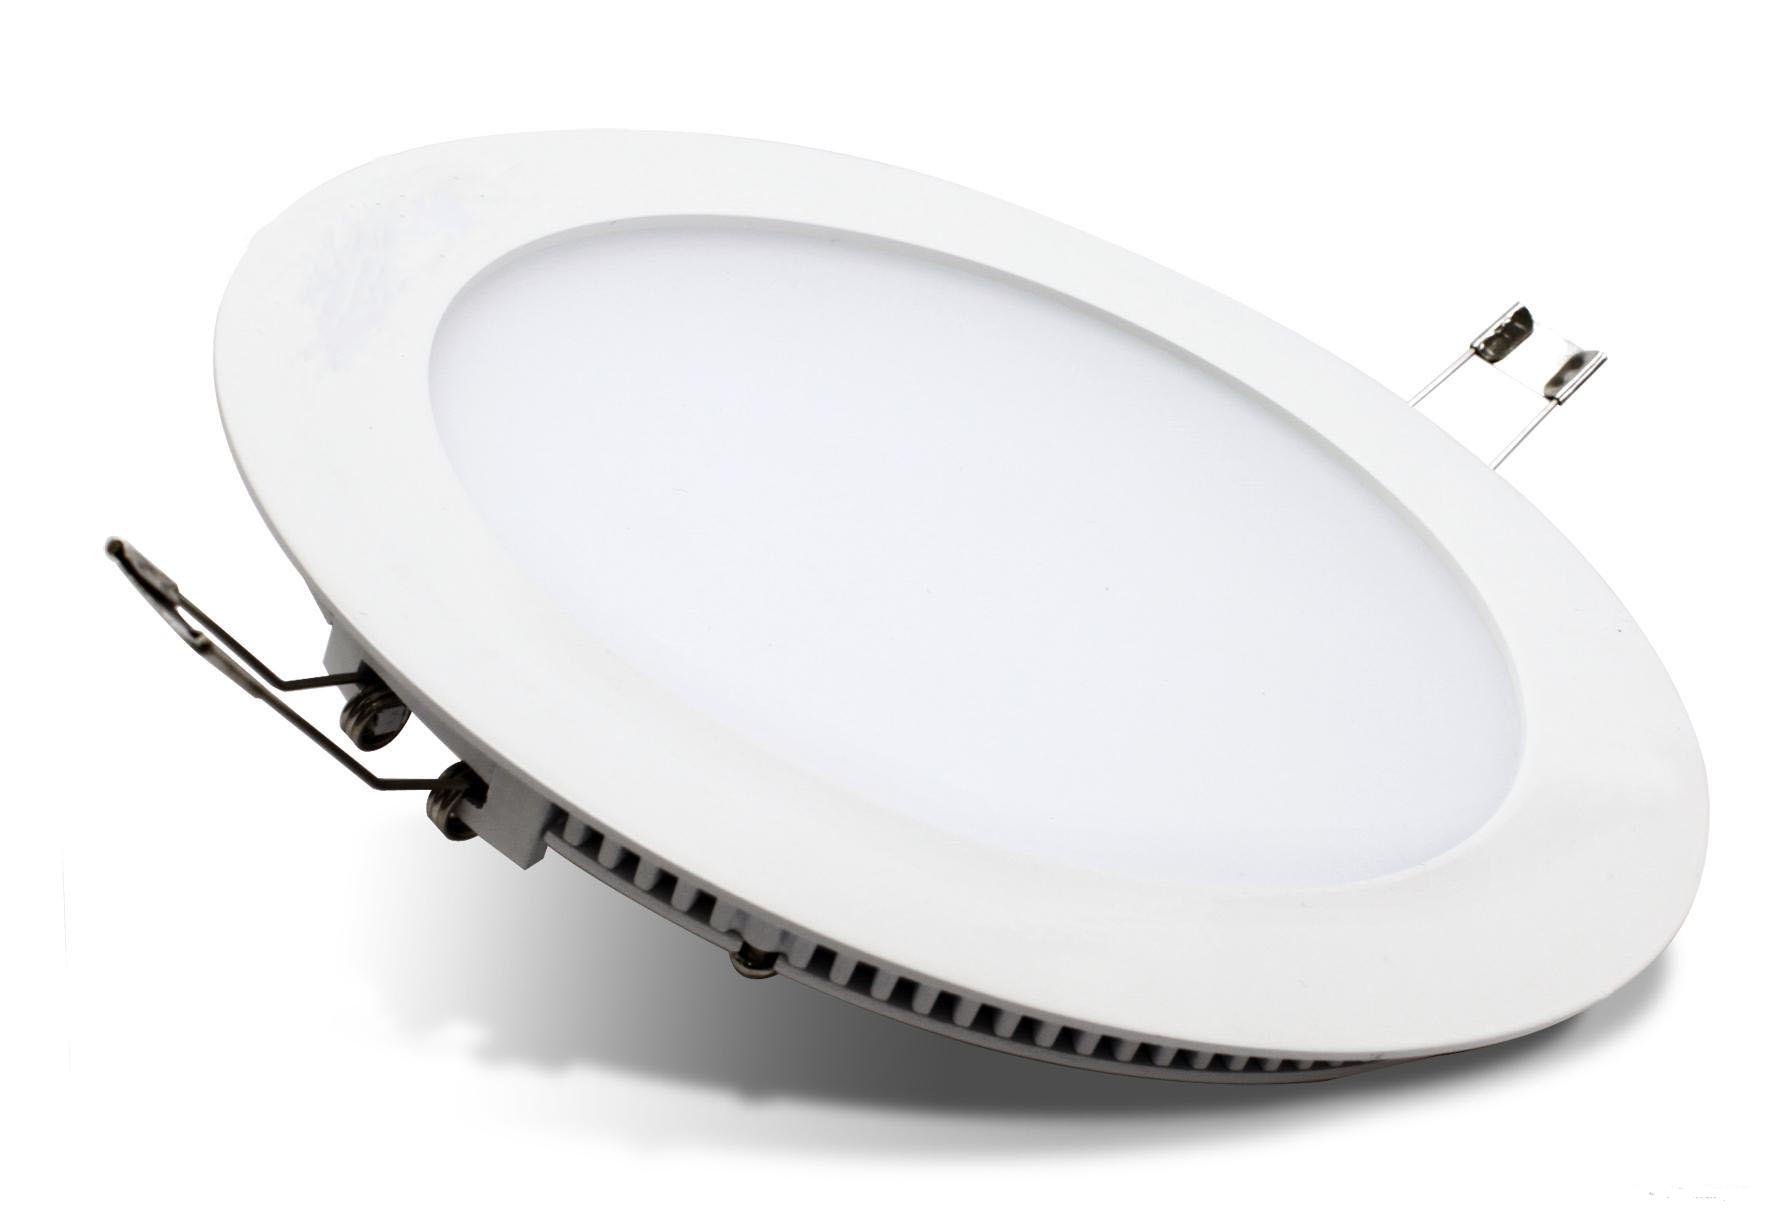 Đèn led âm trần Panel tròn anh sáng trắng, vàng tiện lợi cao cấp